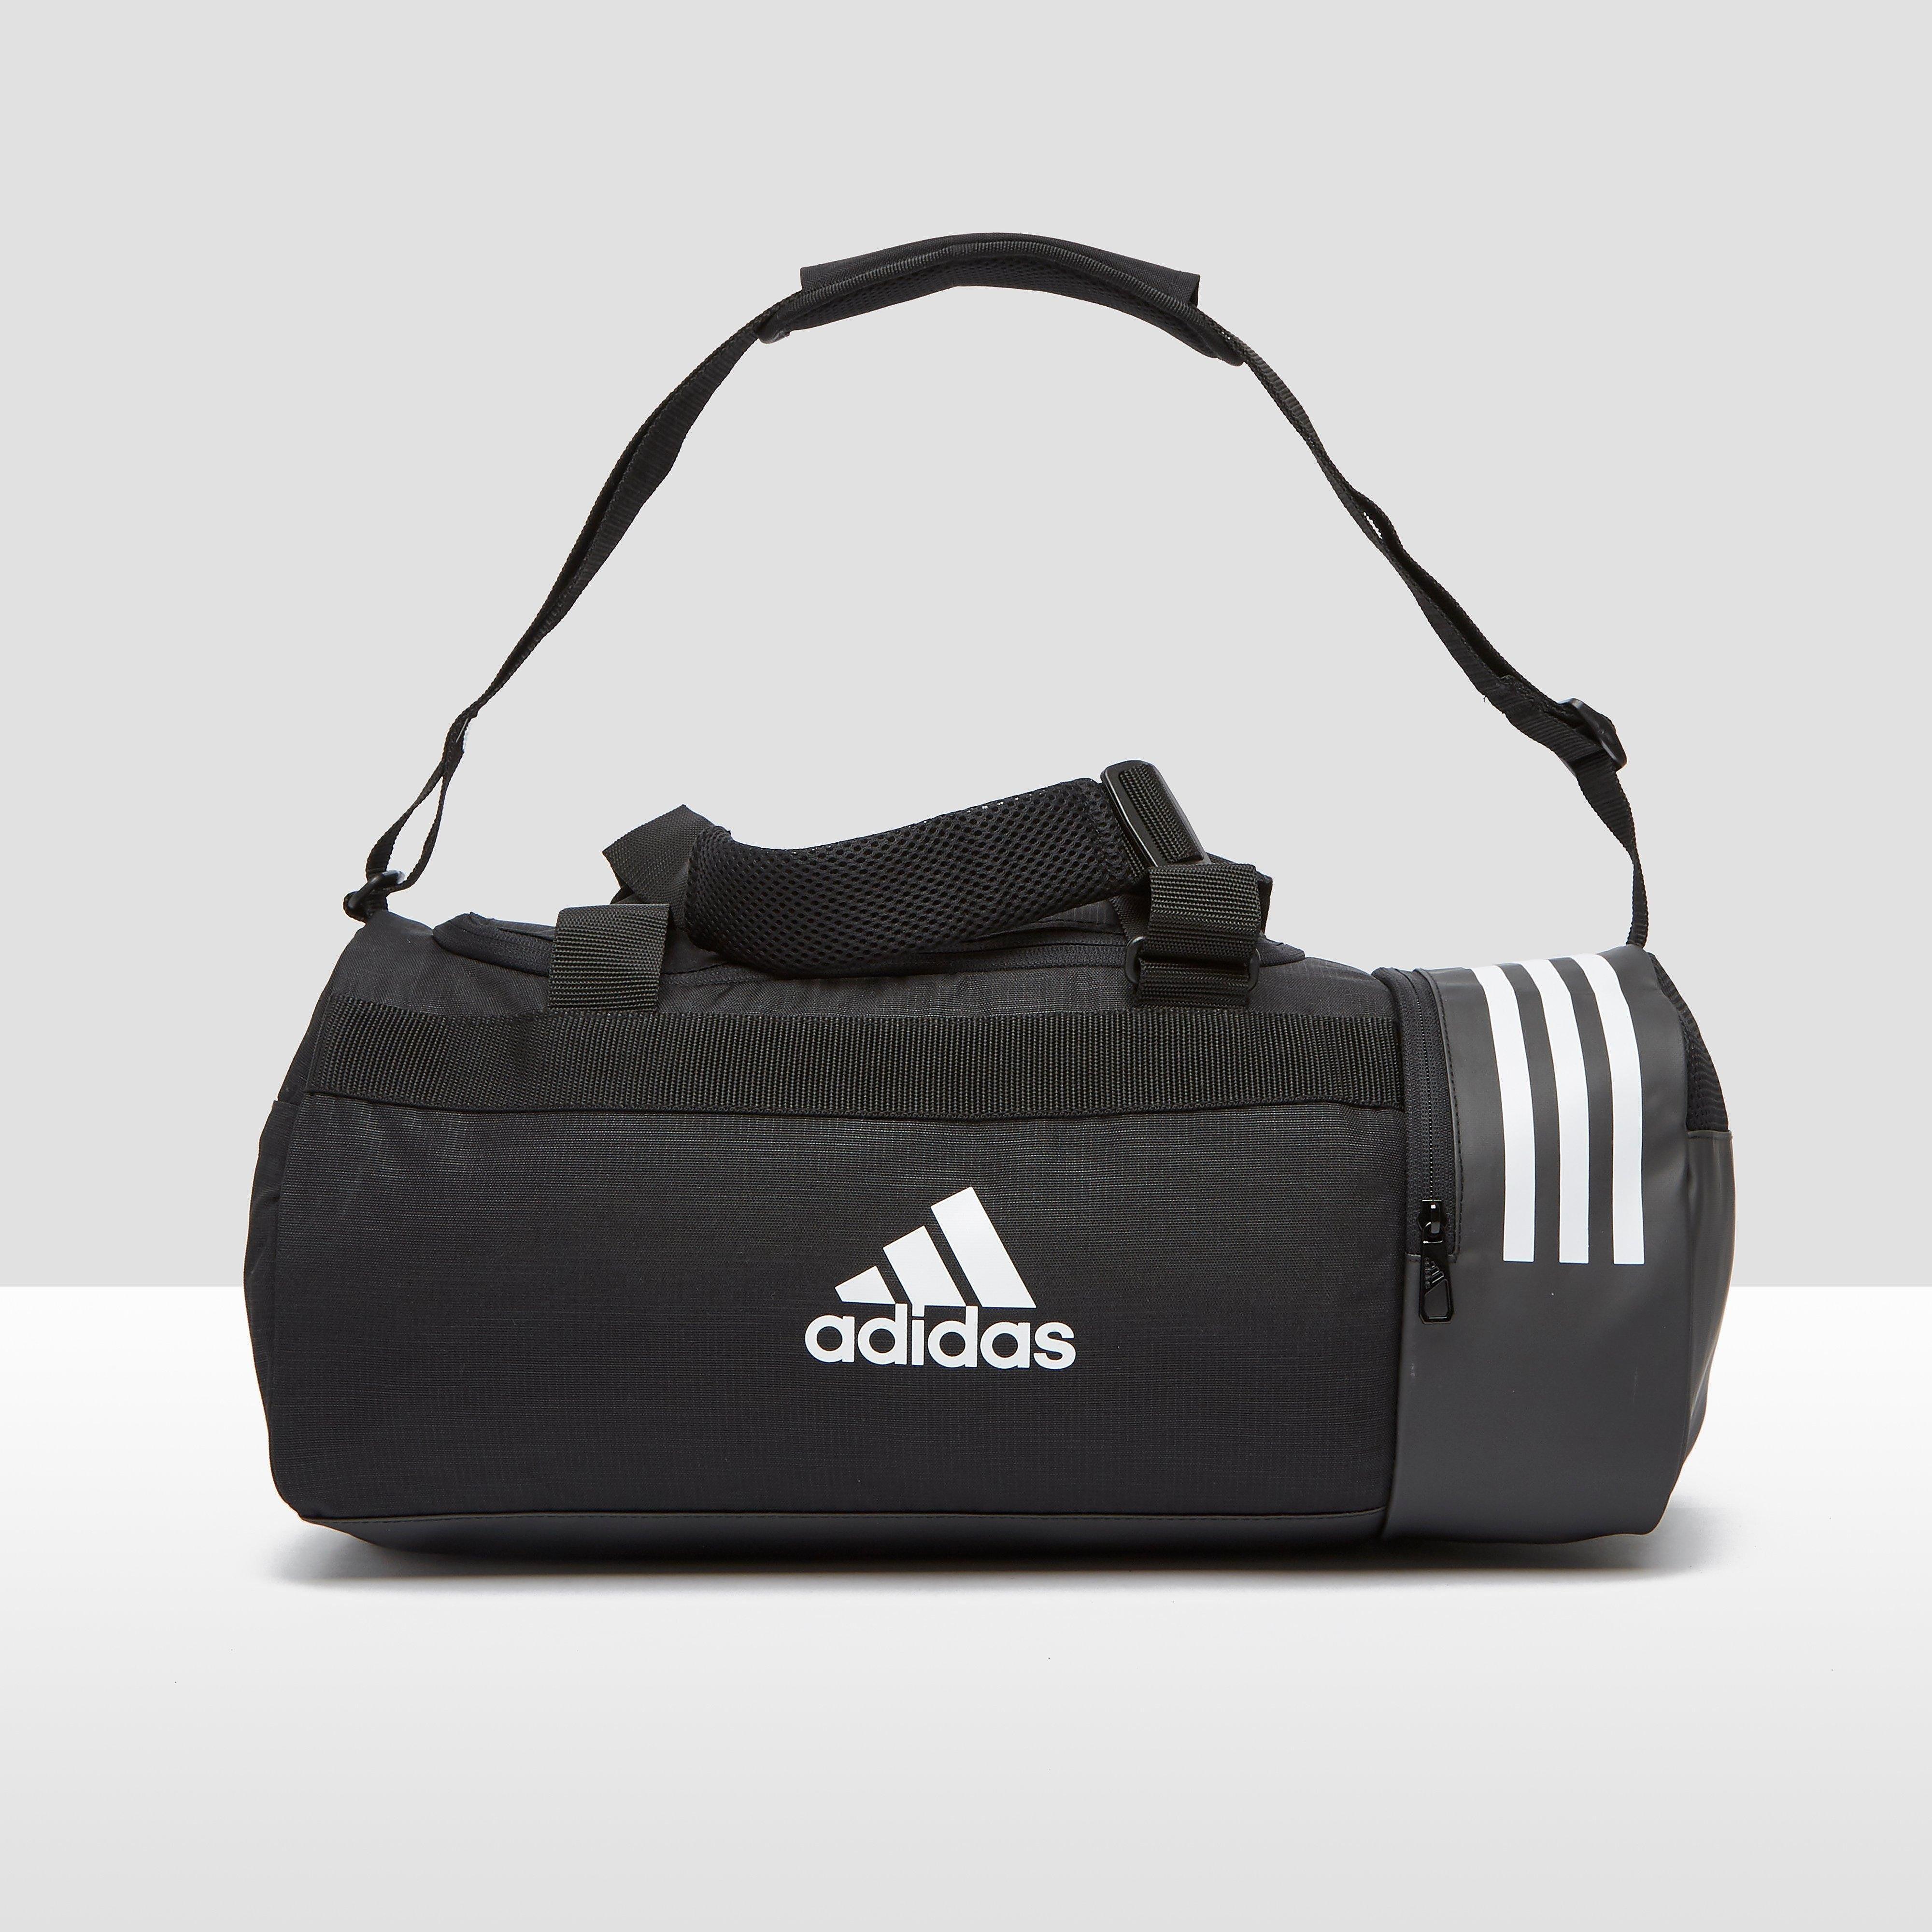 Niet zomaar een sporttas: de convertible 3 stripes sporttas van adidas onderscheidt zich van het gros door ...